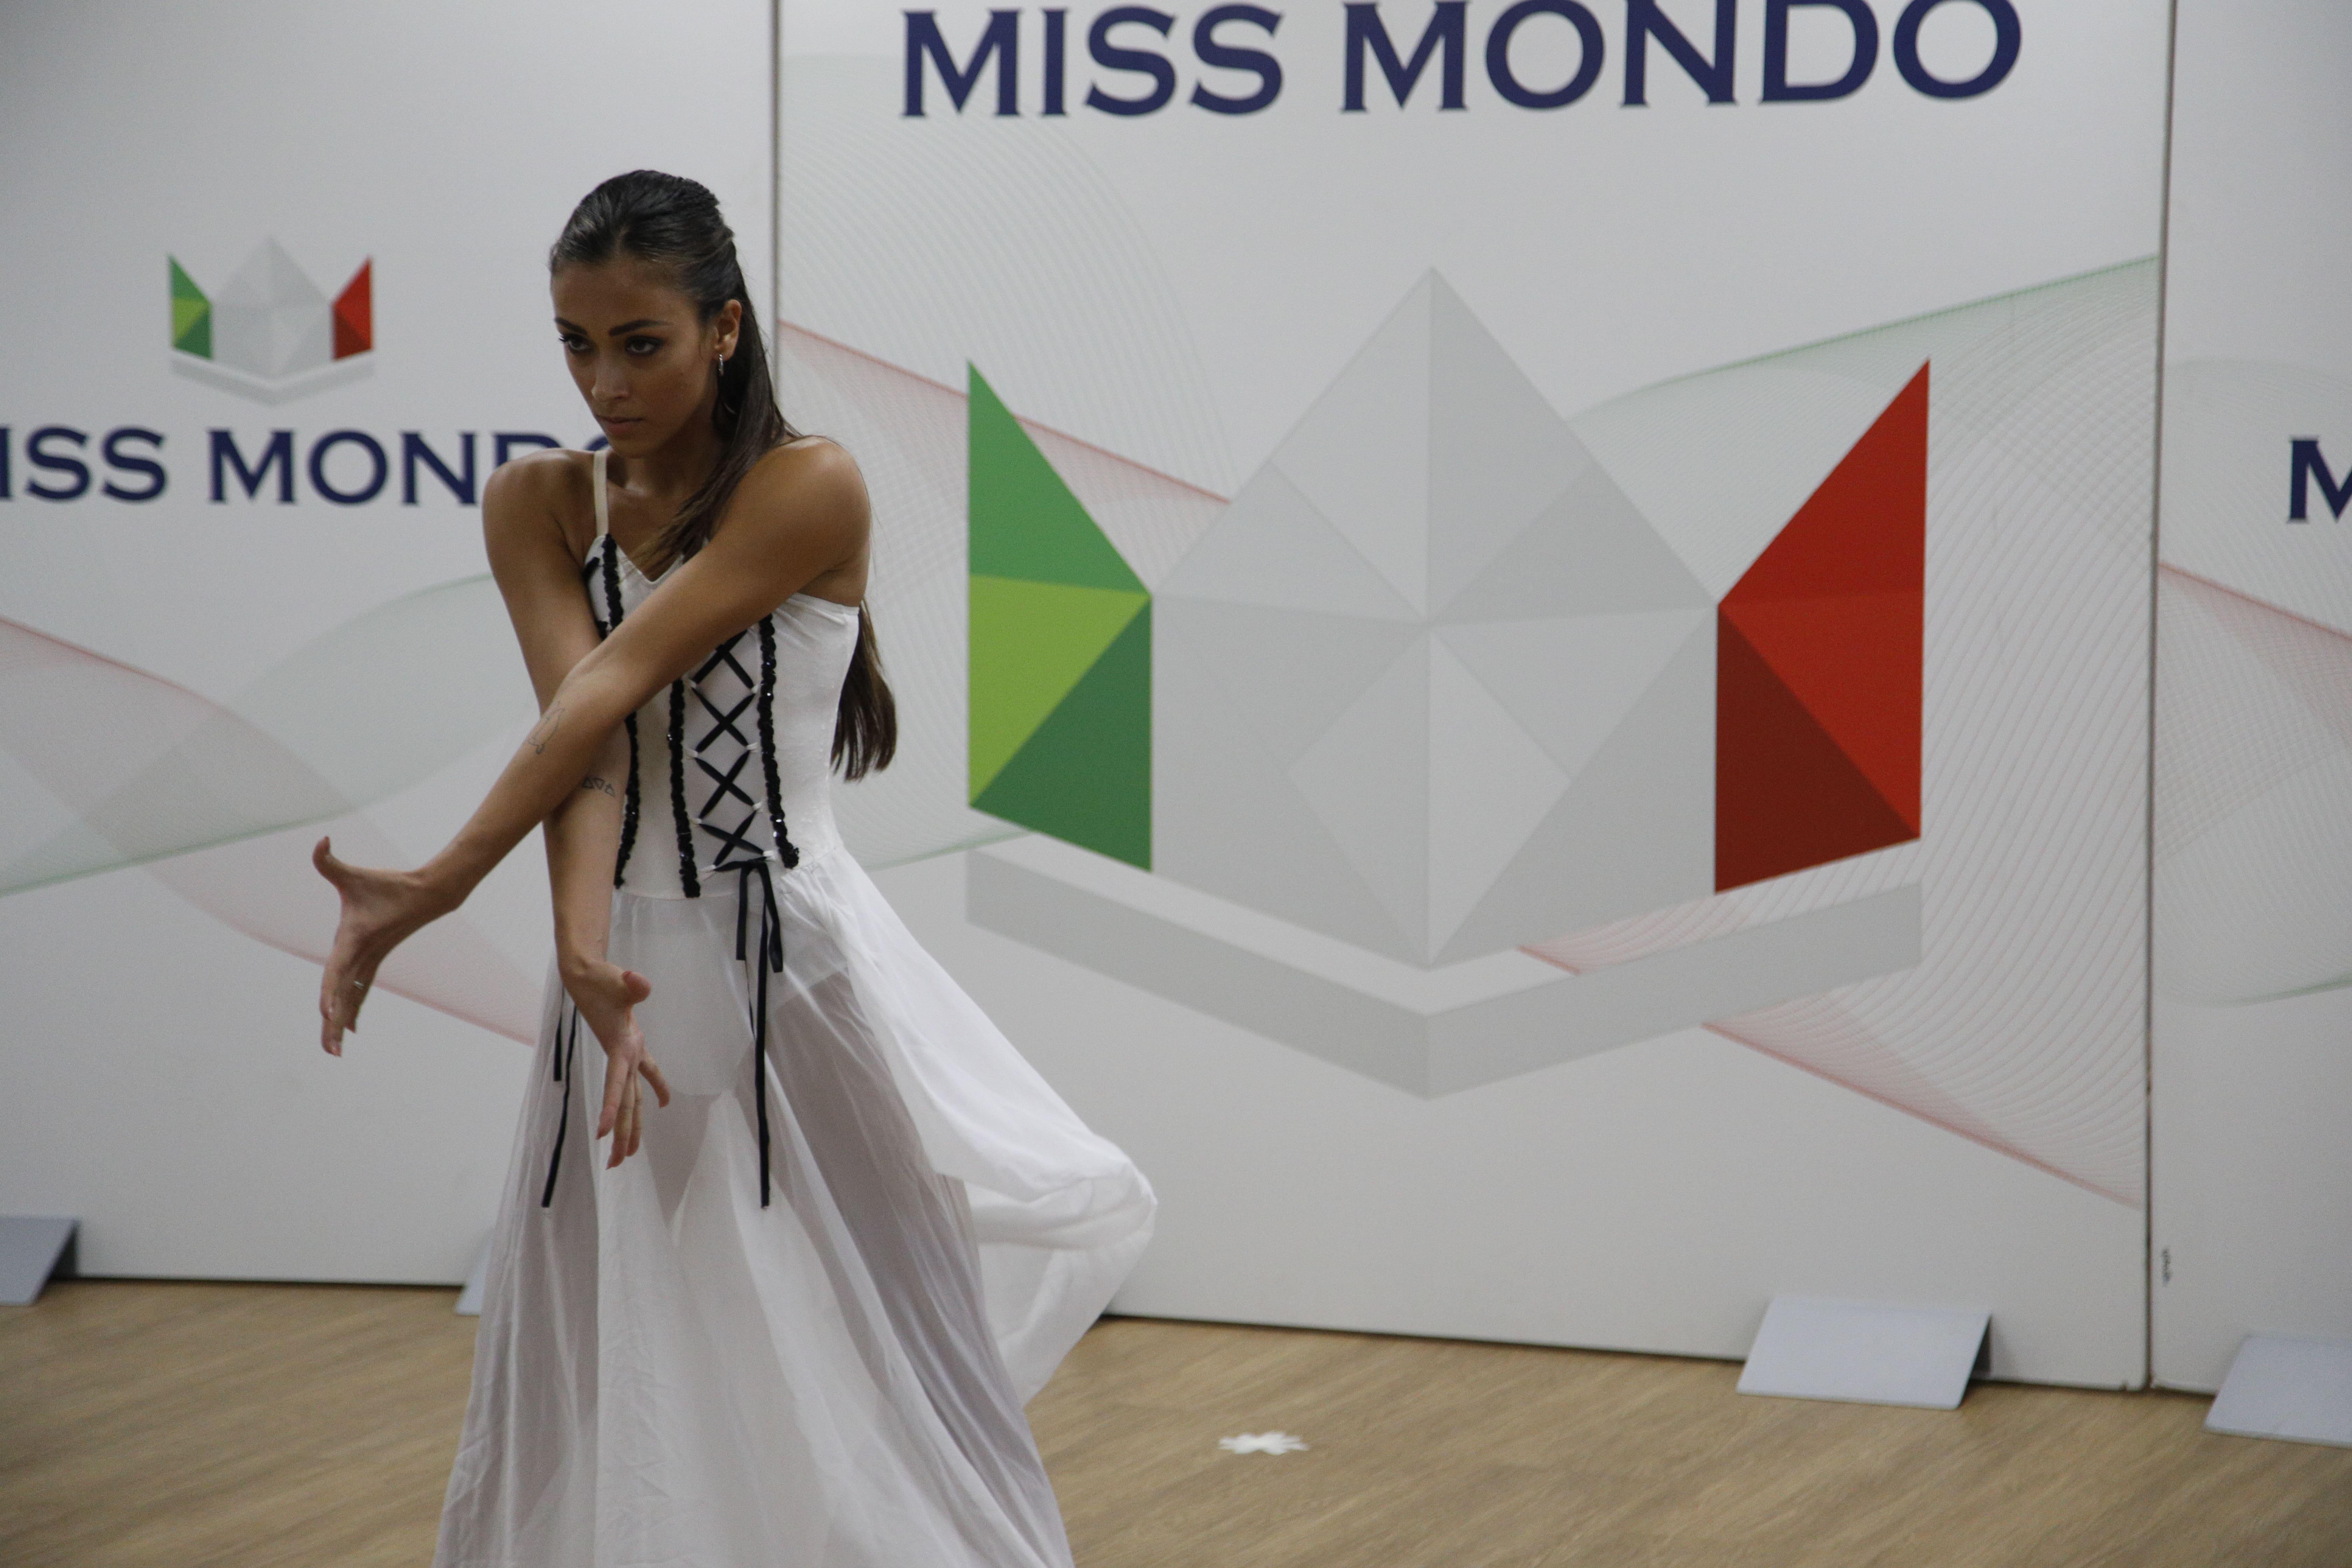 Finale nazione Miss Mondo Italia 2021 Audizione Talent 1 - 5